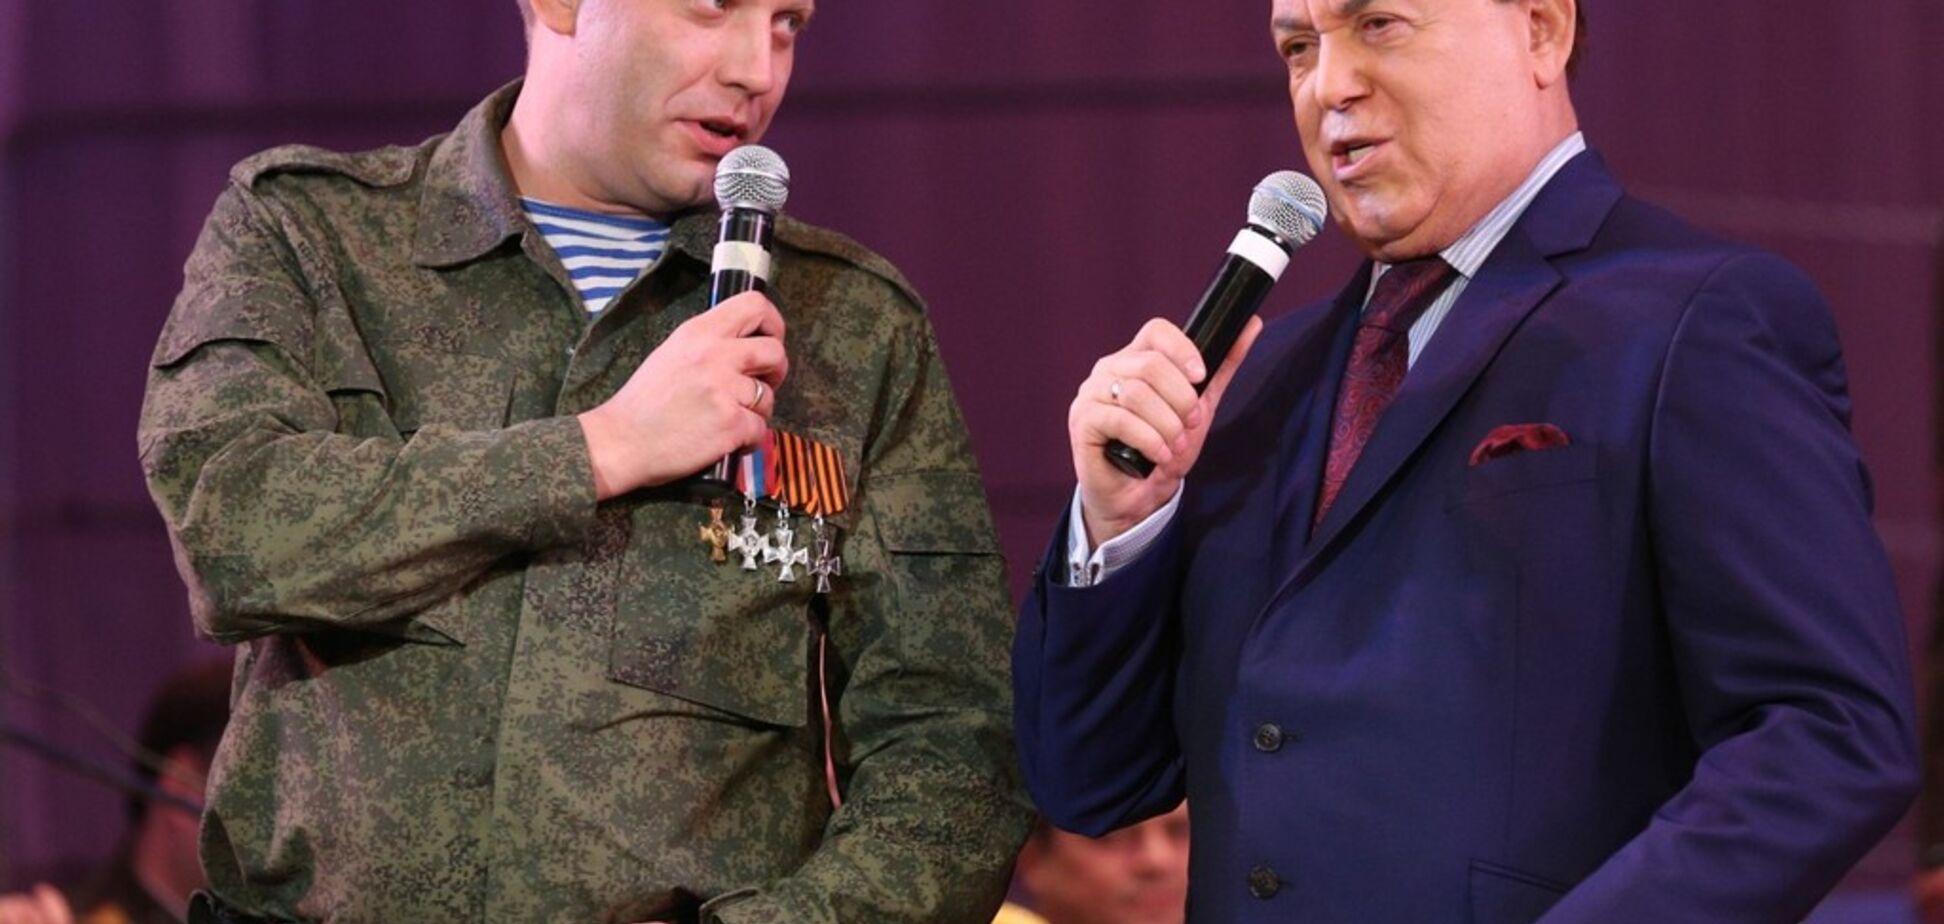 Додружился с Кобзоном: выяснился показательный факт о гибели Захарченко